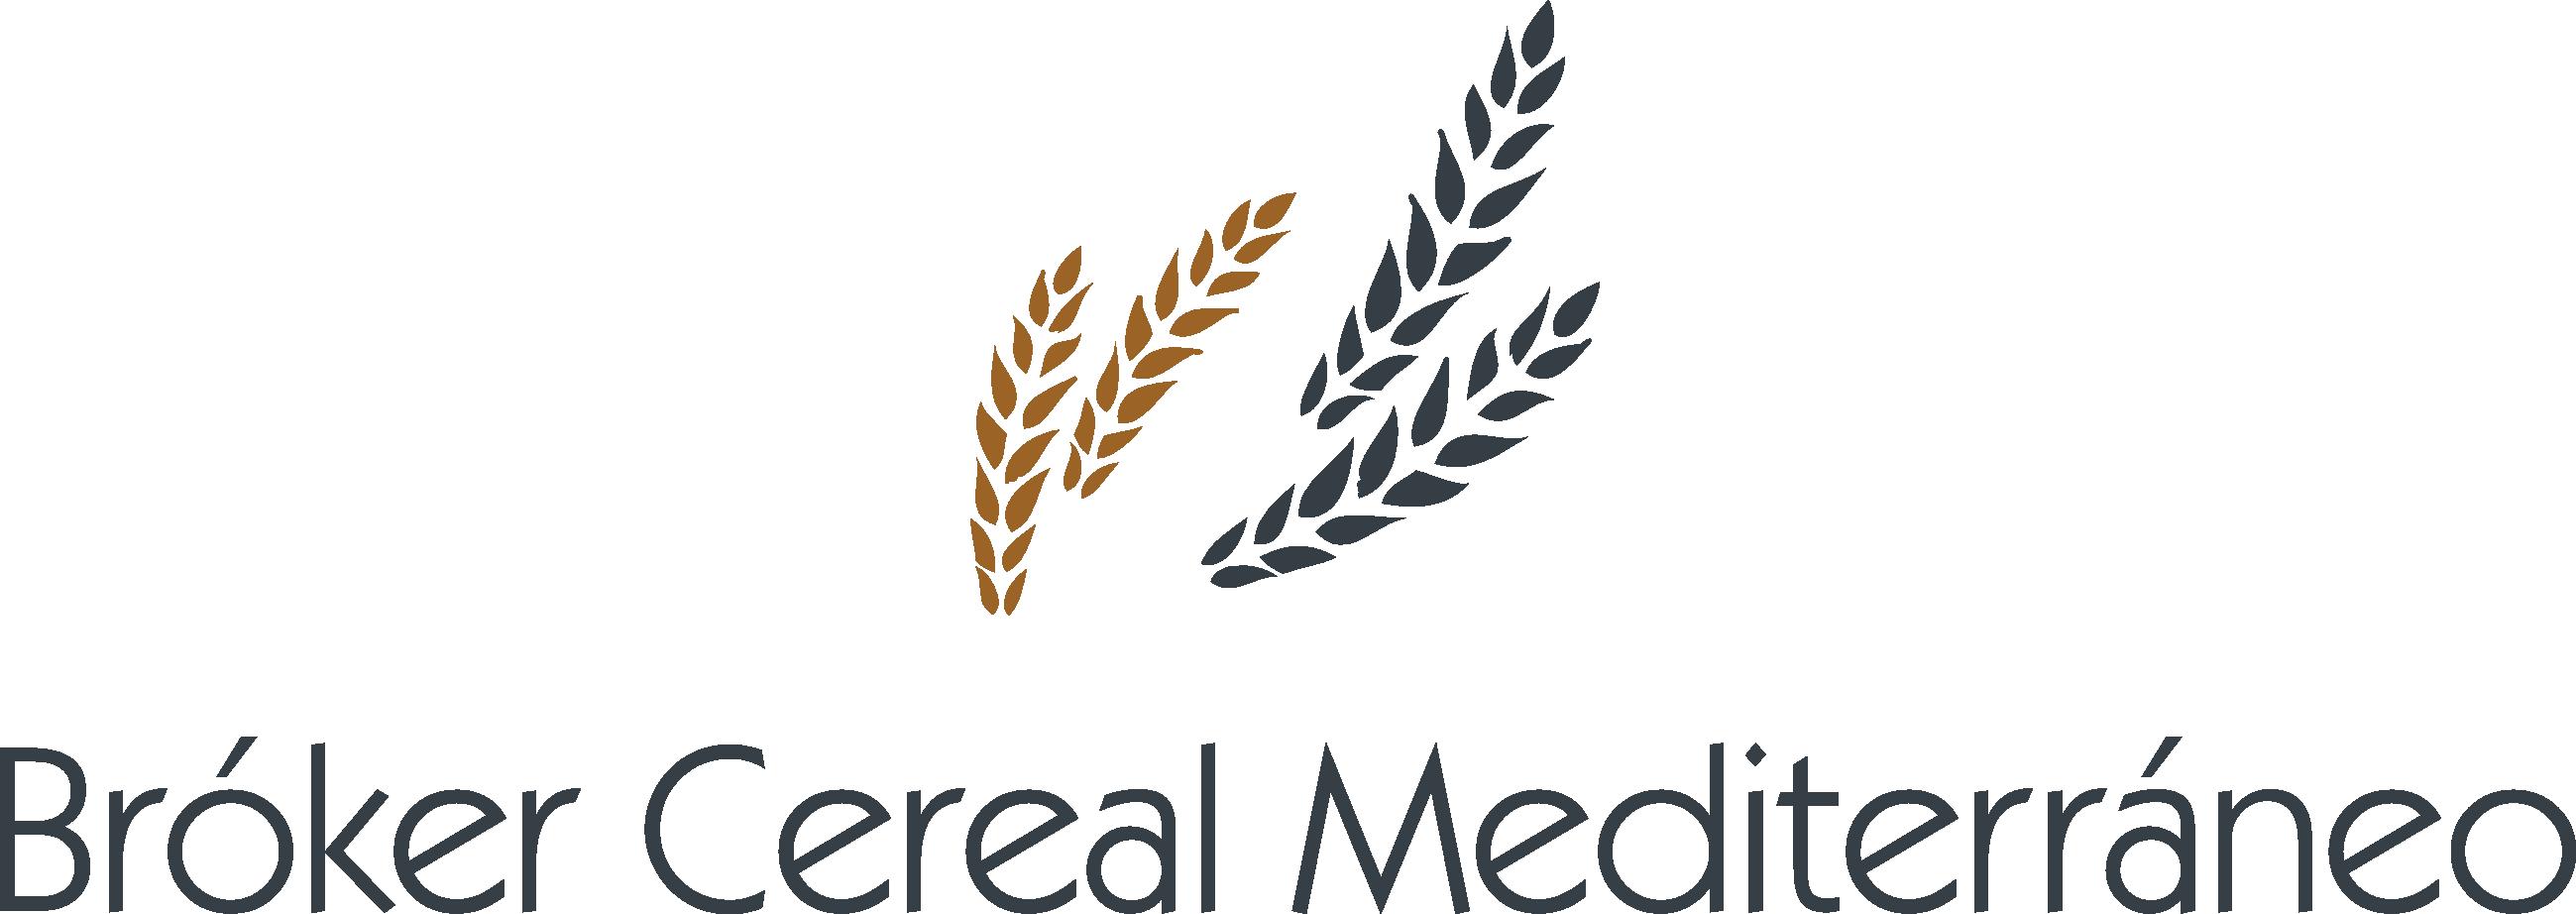 Broker Cereal Mediterraneo